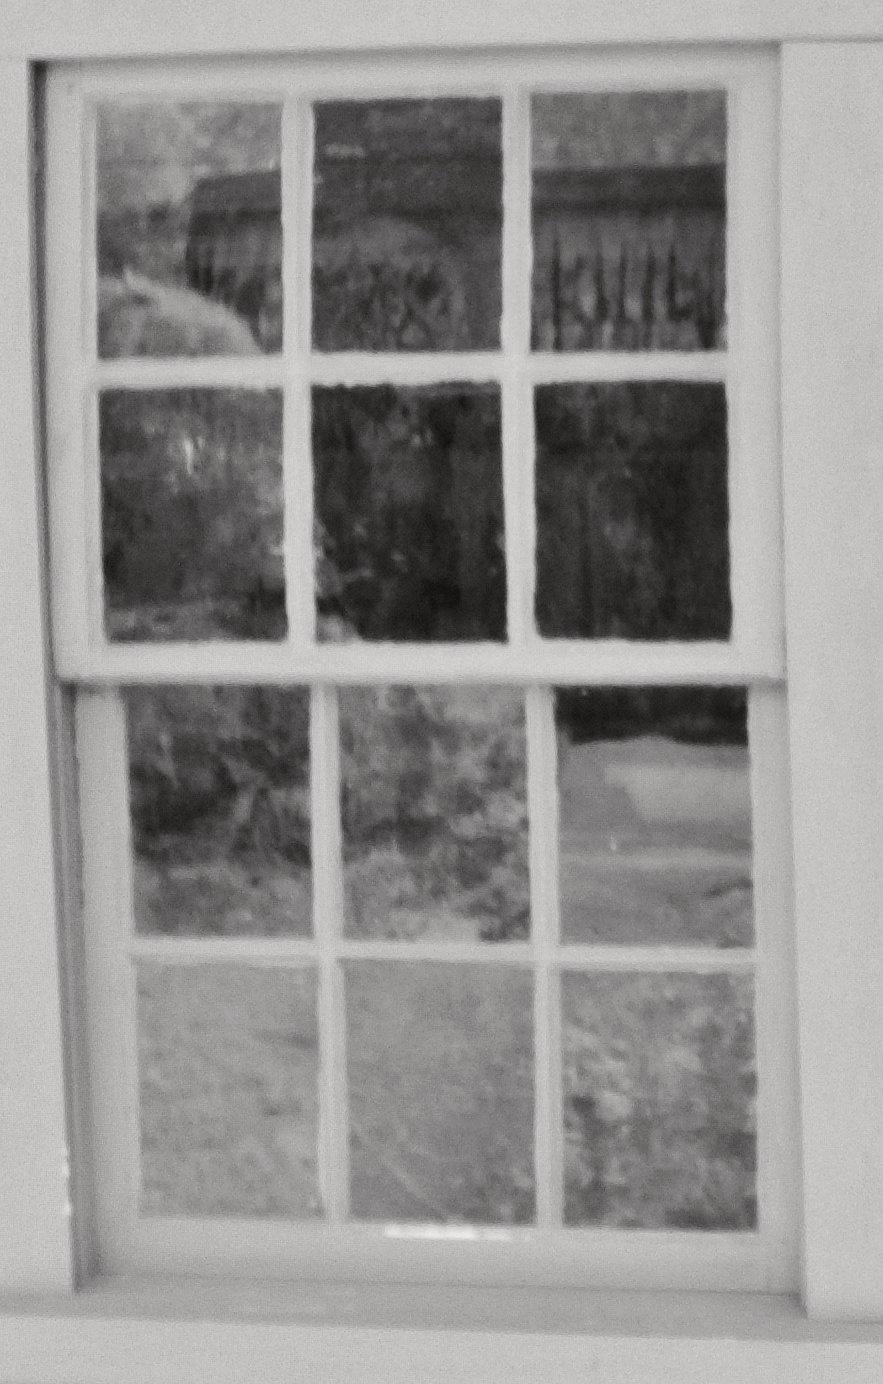 Enlargement: Left Kitchen Window (Full Spectrum)